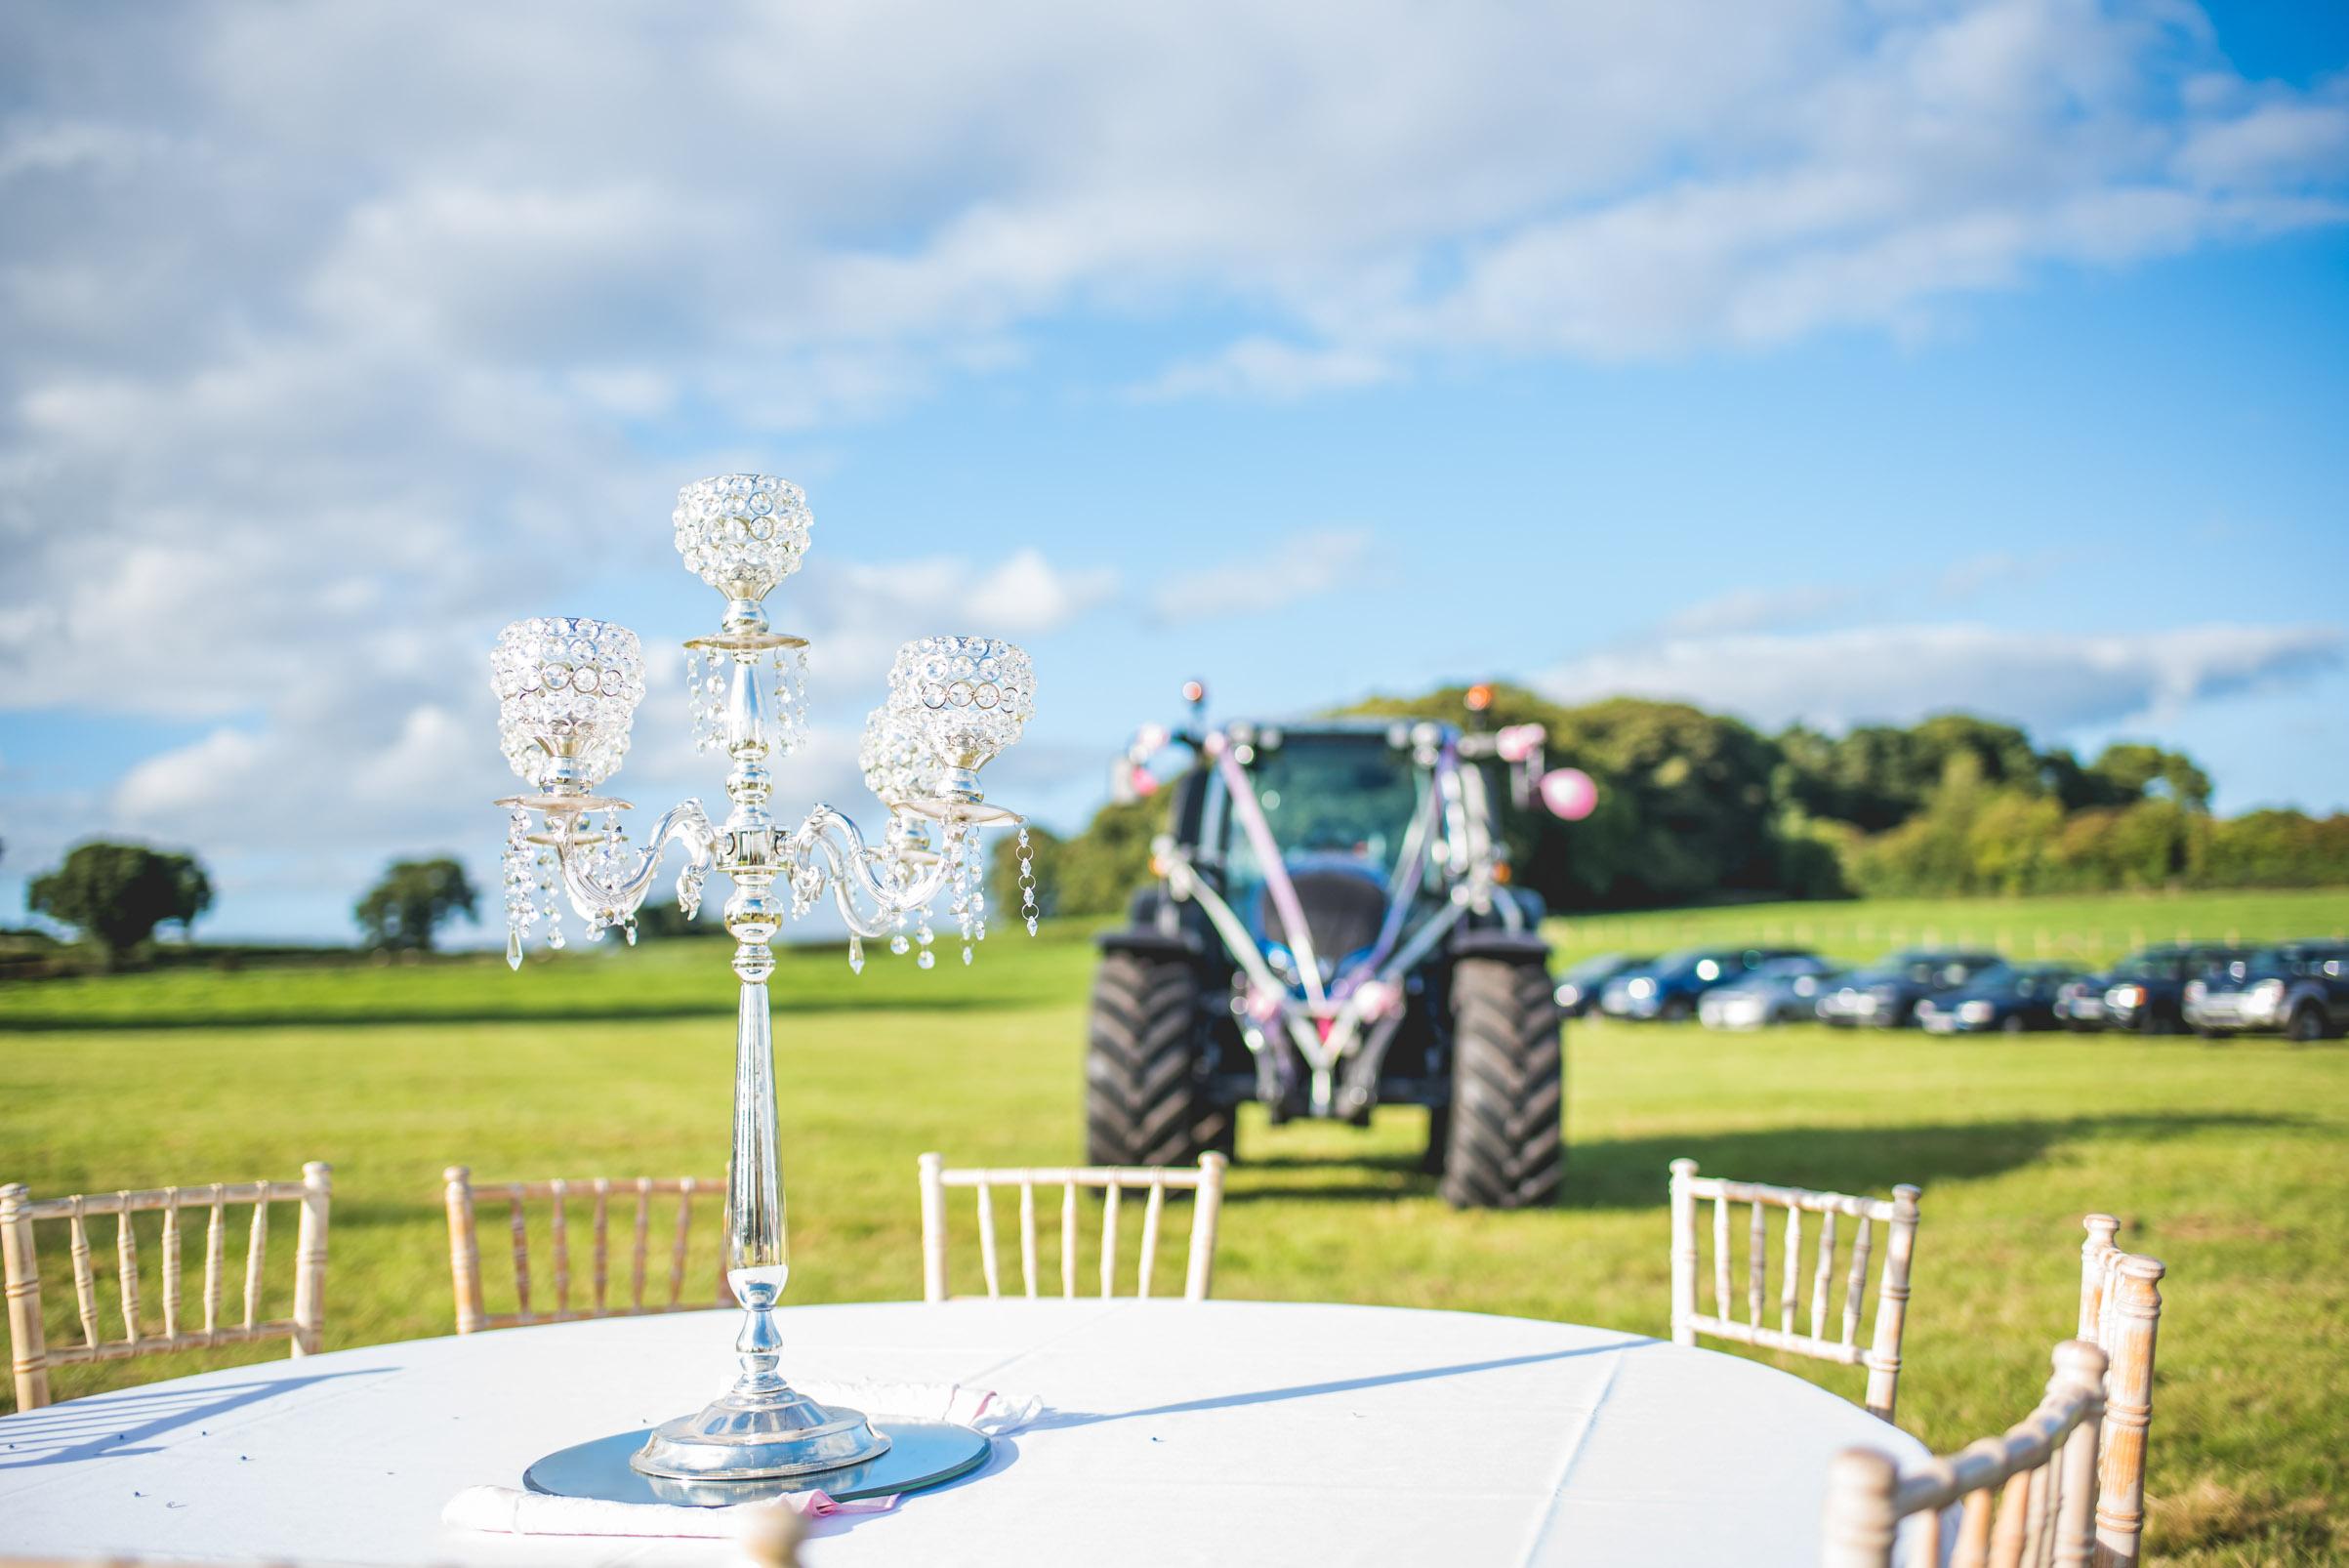 Farm-wedding-staffordshire-st-marys-catholic-church-uttoxter-111.jpg